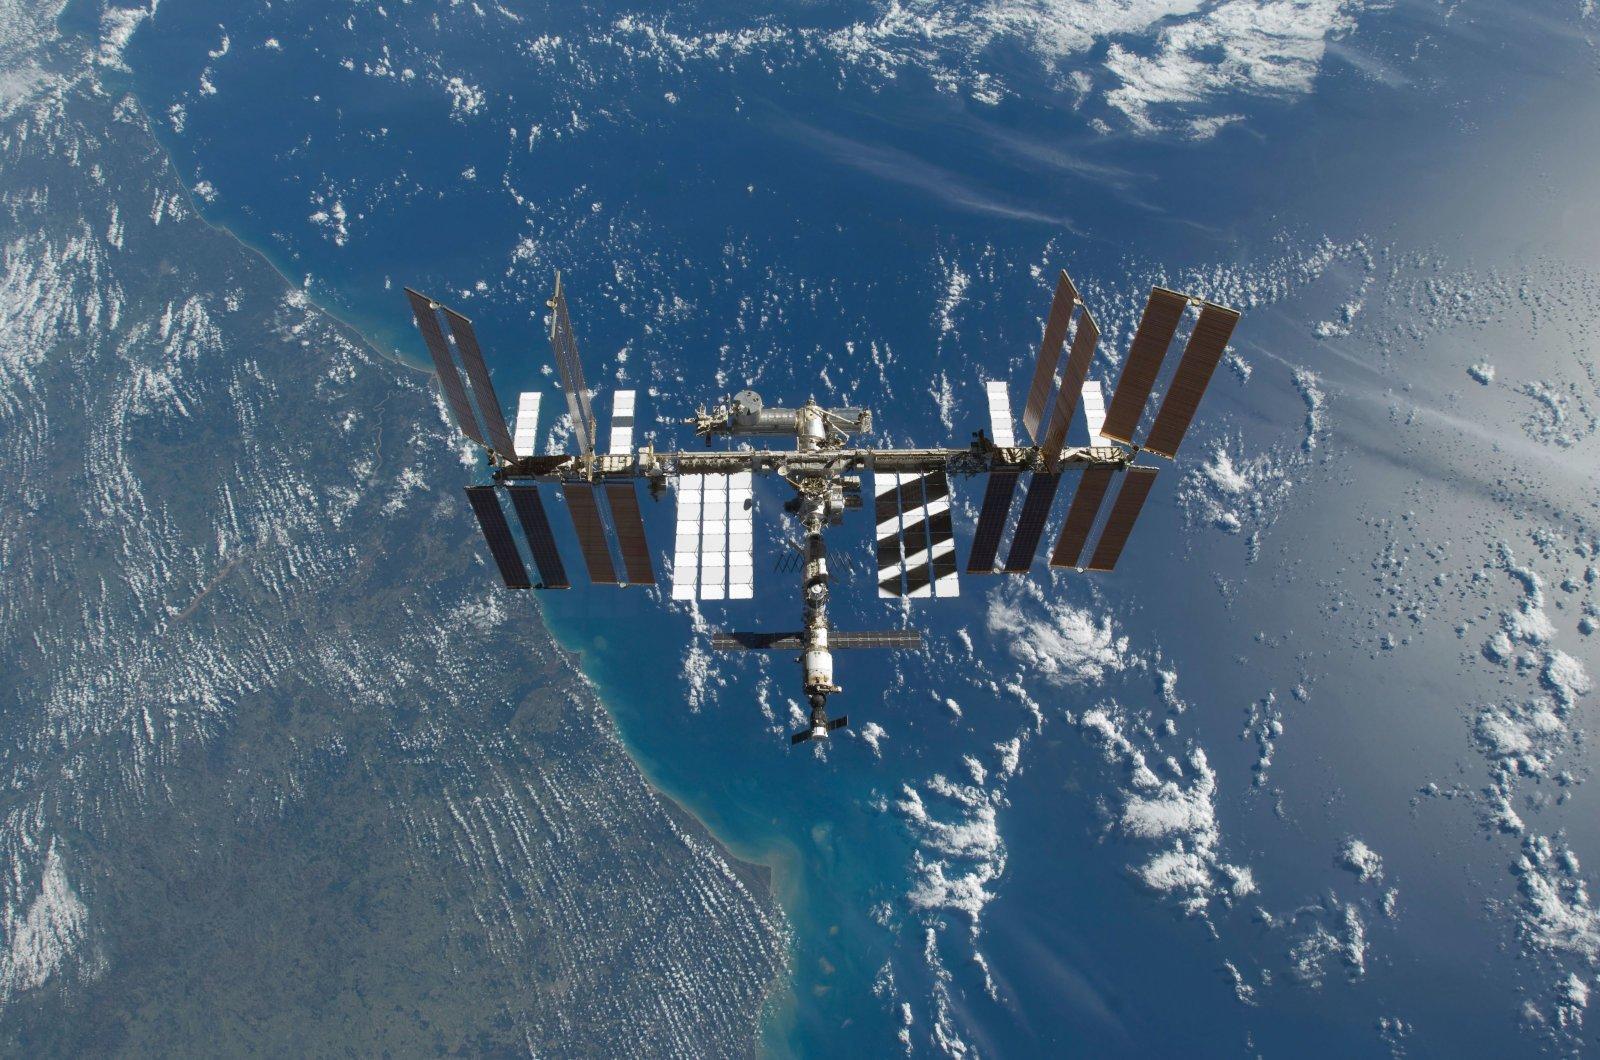 Mezinárodní vesmírná stanice dostane supervýkonný počítač. V případě nouze může zachraňovat životy